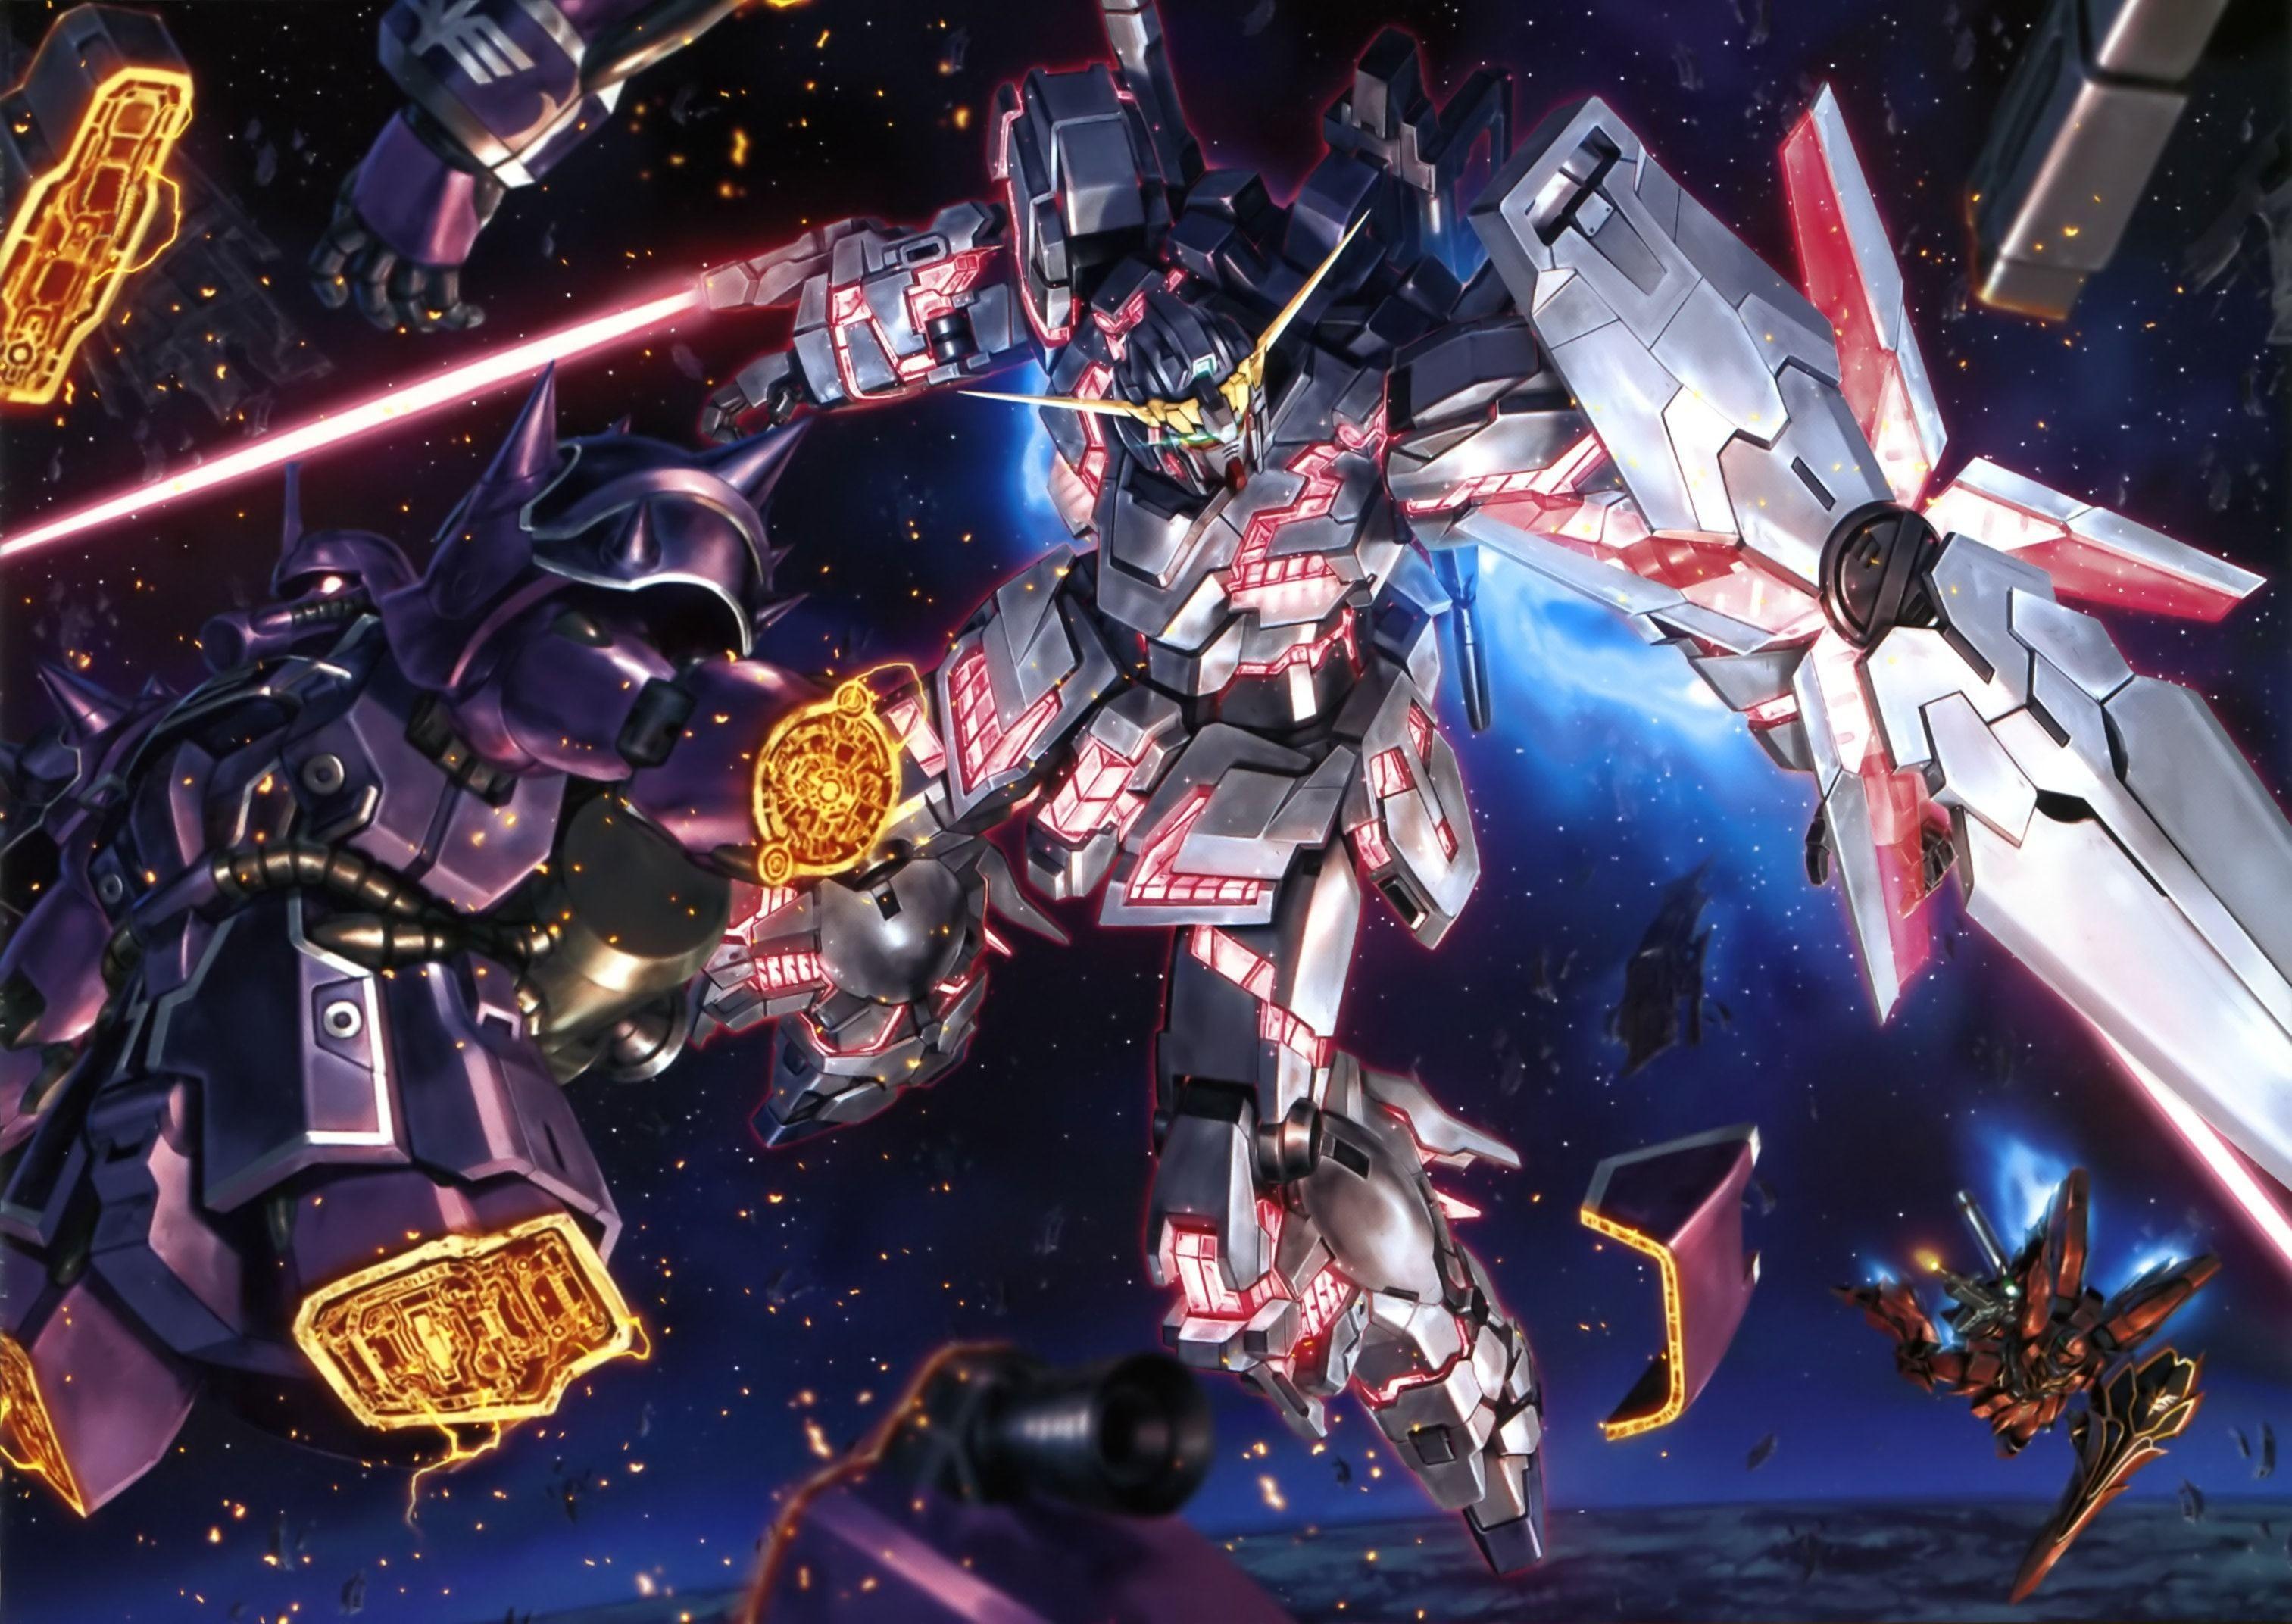 Unicorn Gundam Wallpaper